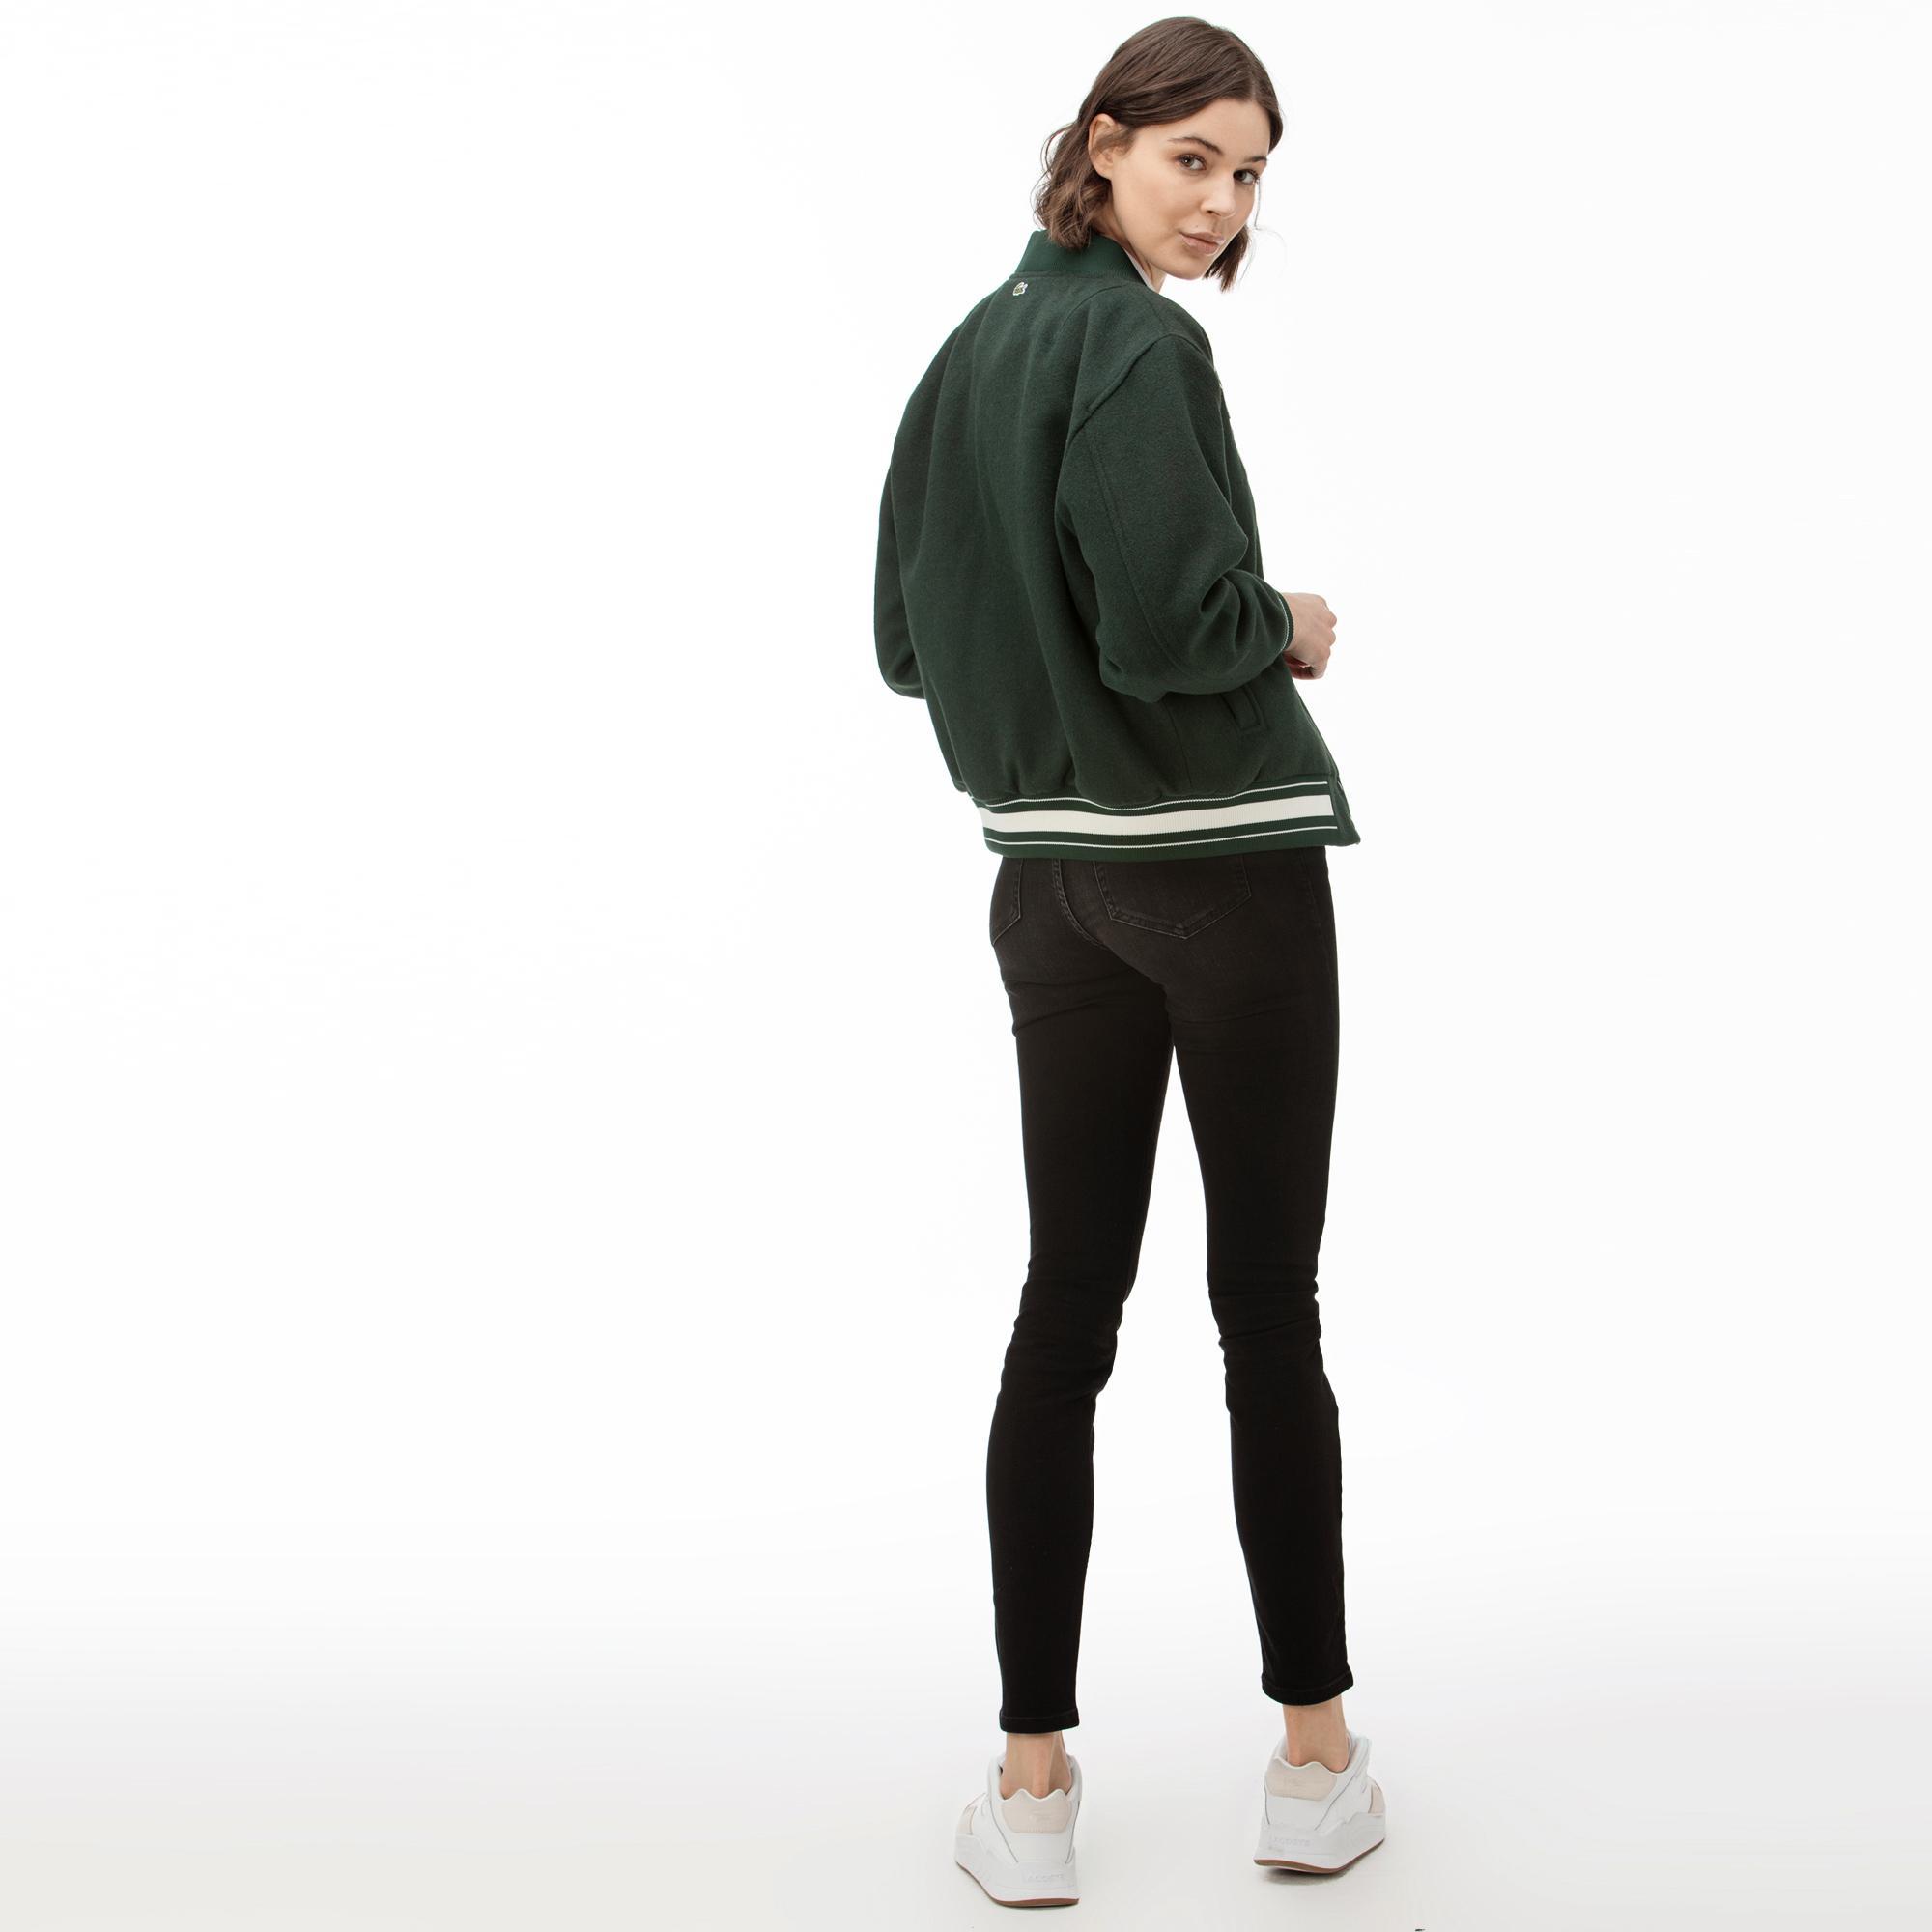 Lacoste L!VE Kadın Yünlü Gül Nakışlı Yeşil Ceket